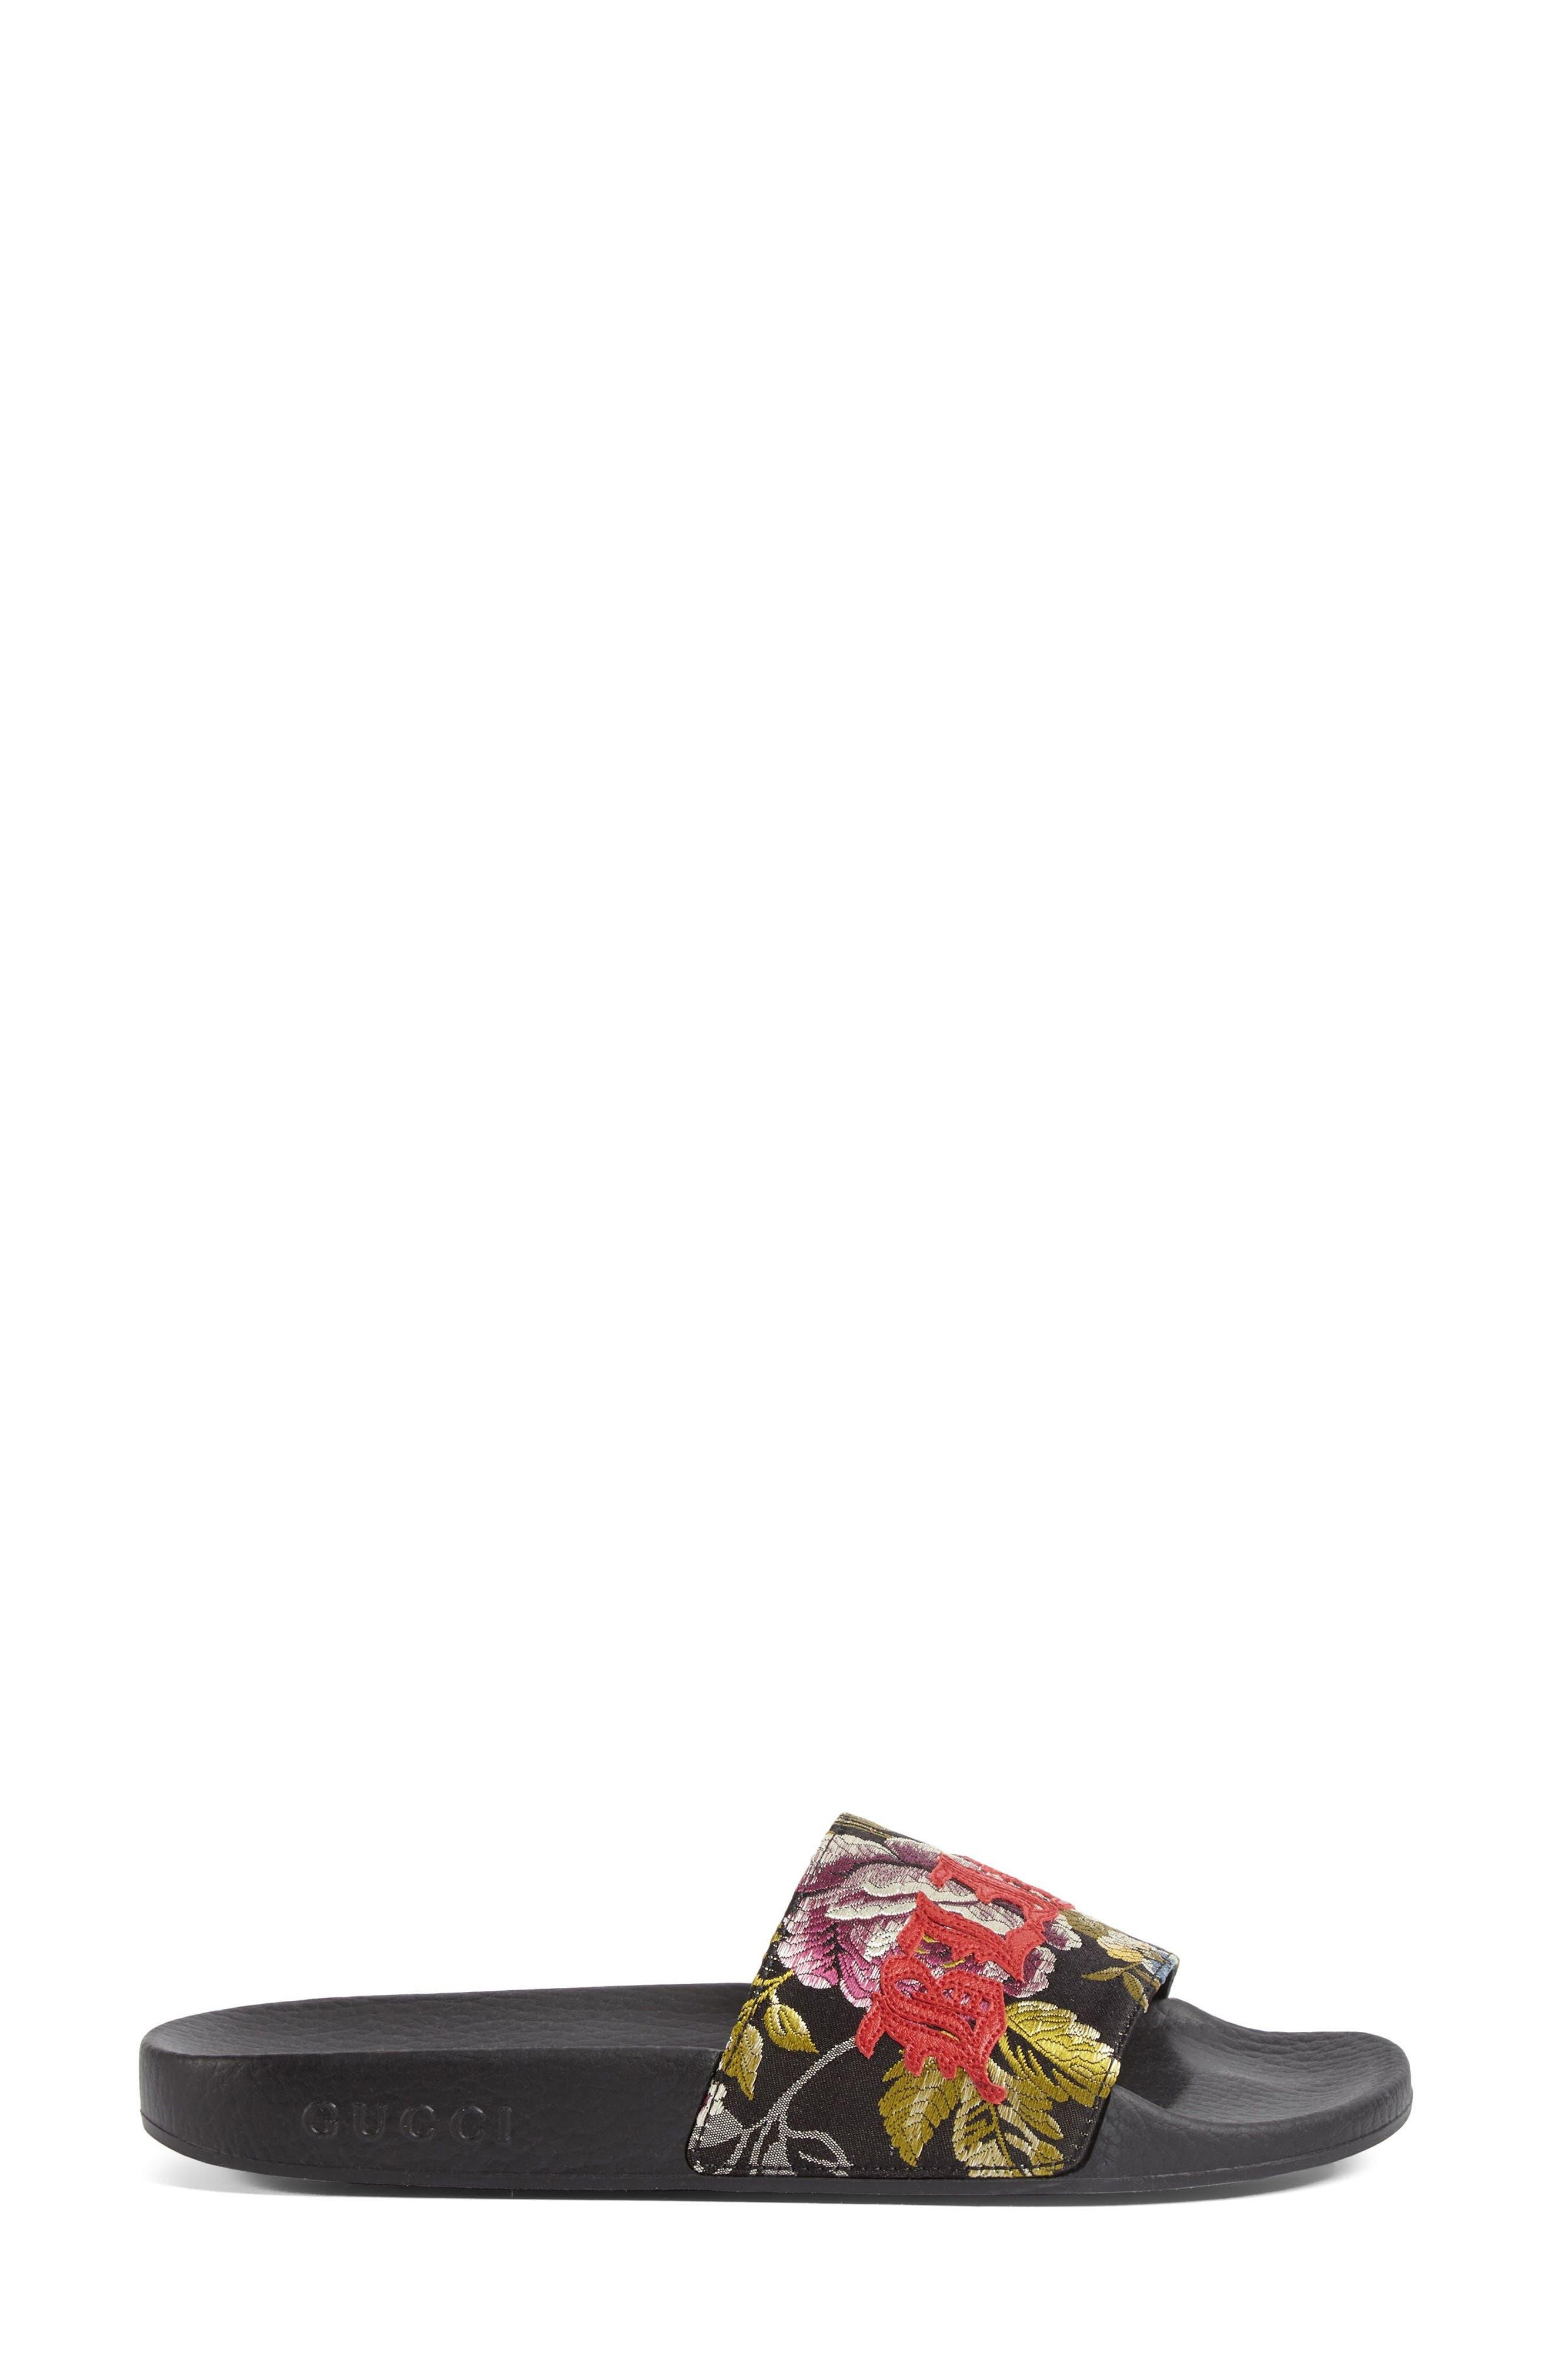 Alternate Image 1 Selected - Gucci Pursuit Blind for Love Slide Sandal (Women)